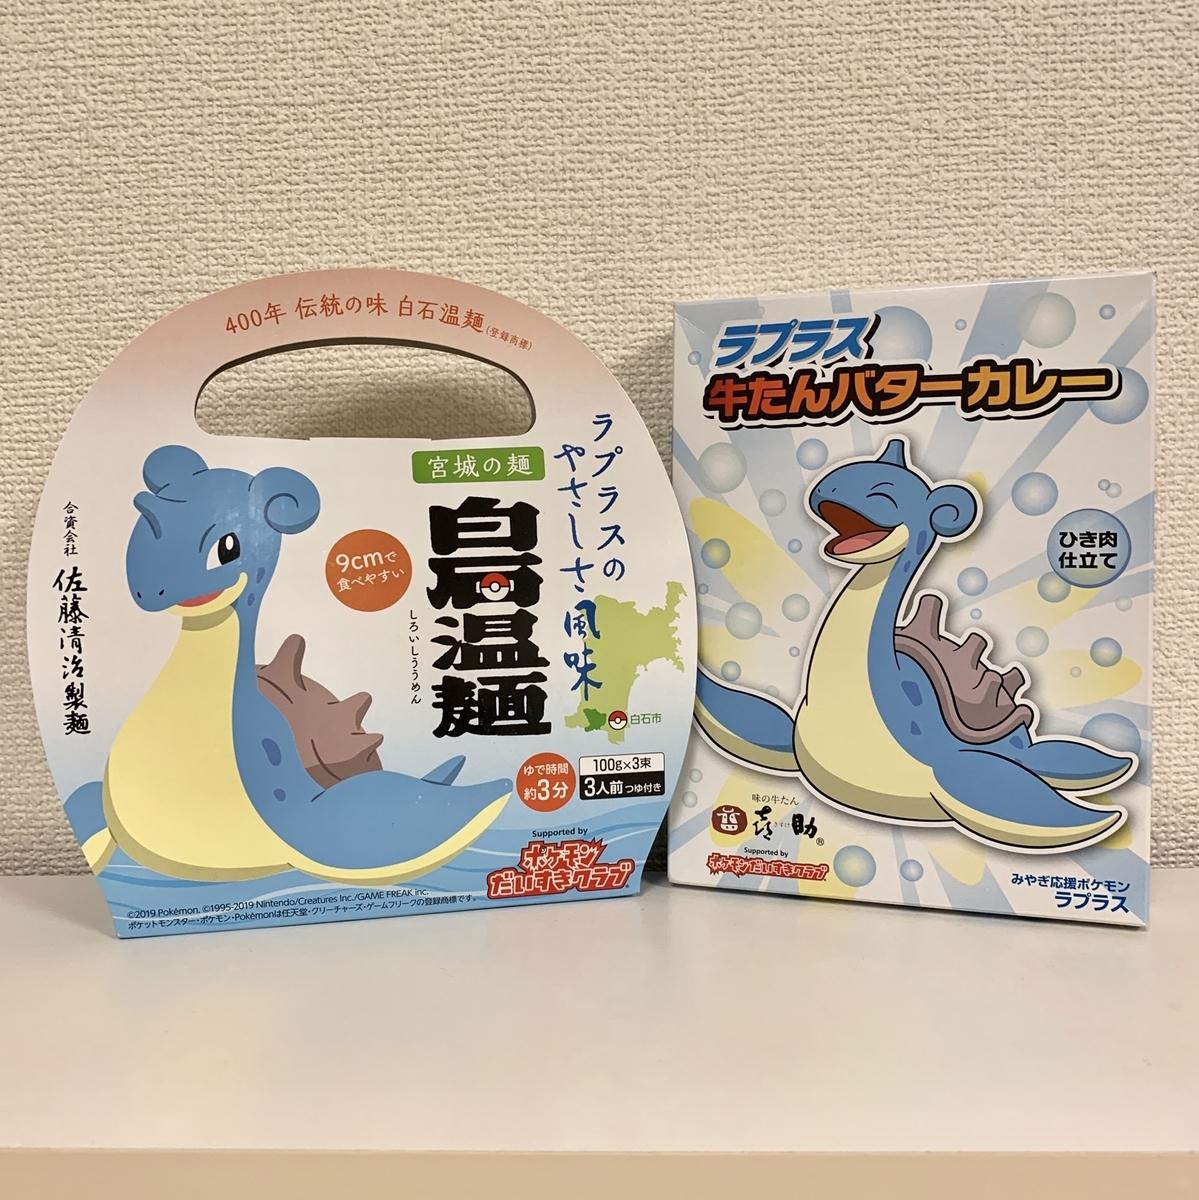 f:id:pikachu_pcn:20191121185025j:plain